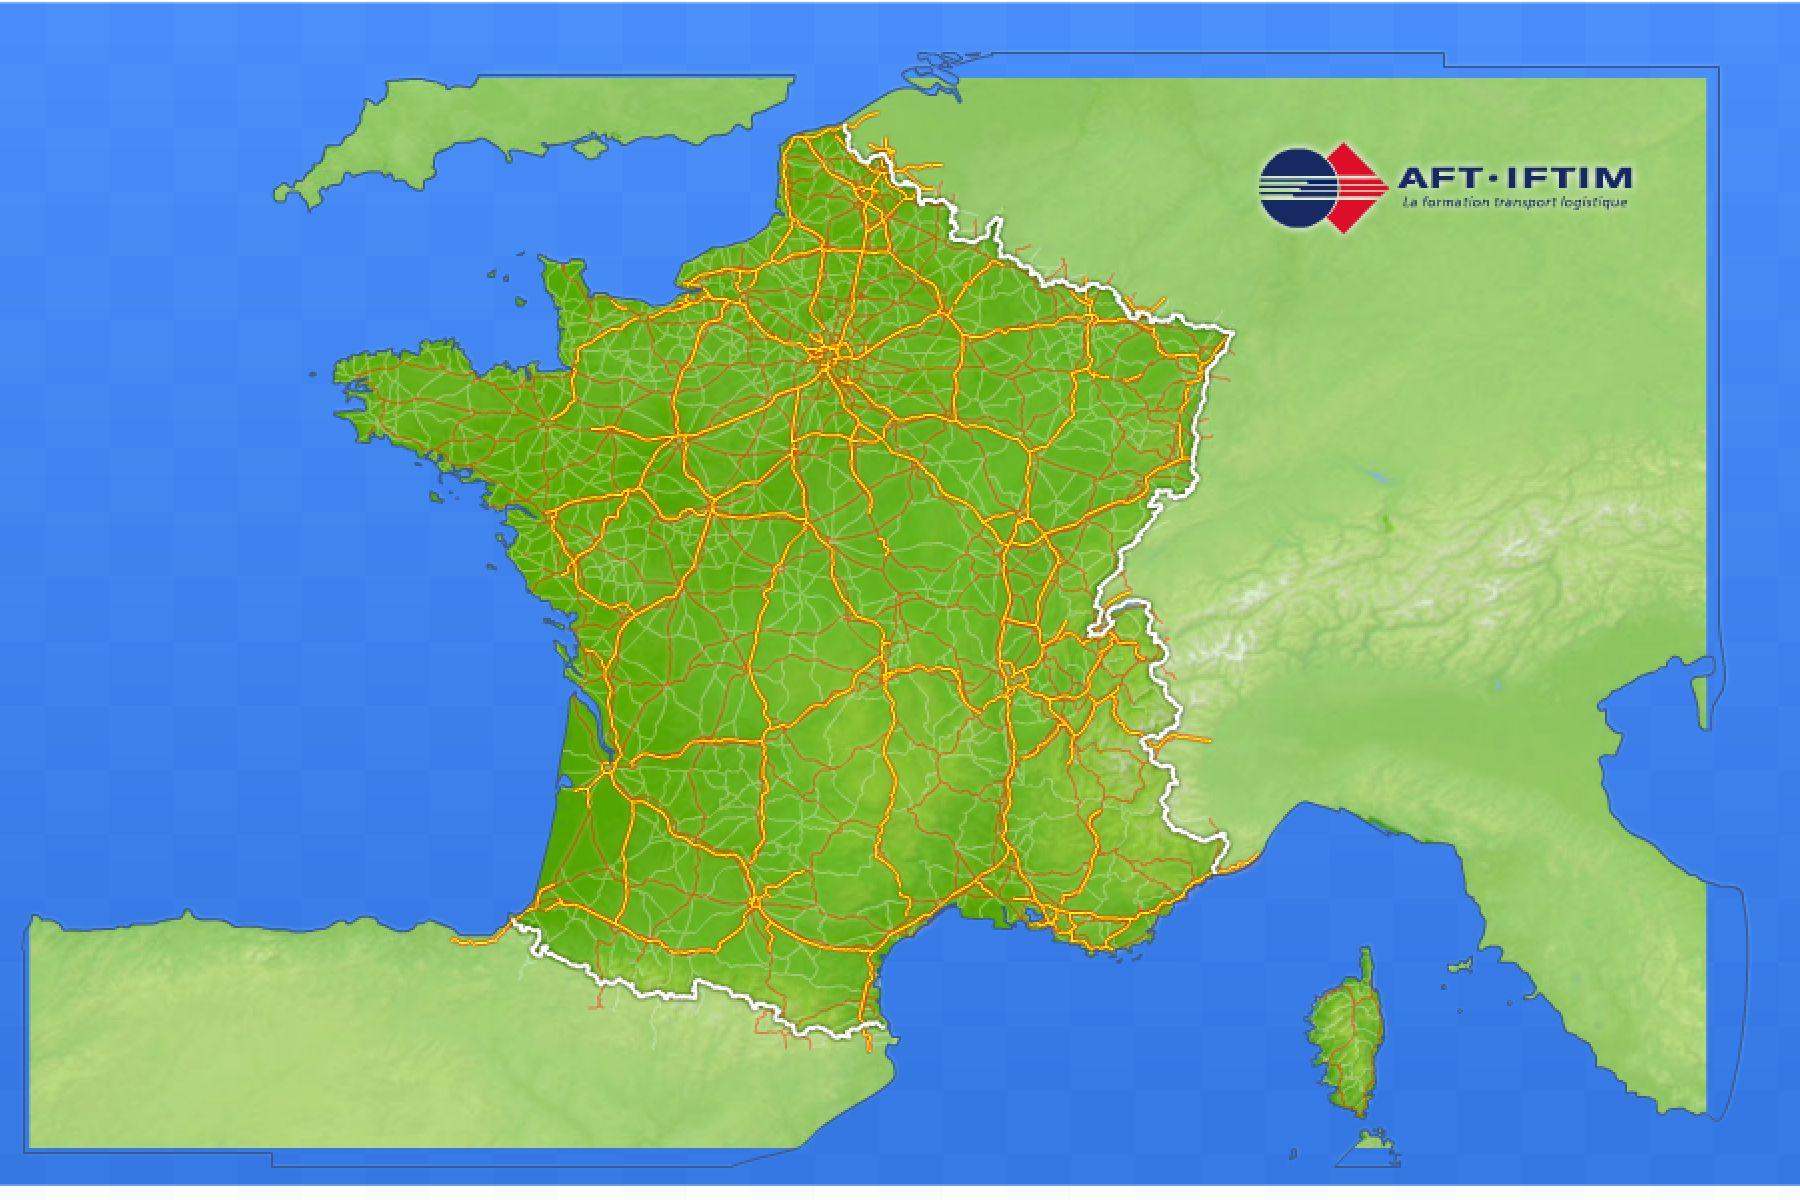 Jeux-Geographiques Jeux Gratuits Jeu Villes De France Transports encequiconcerne Jeu Villes France